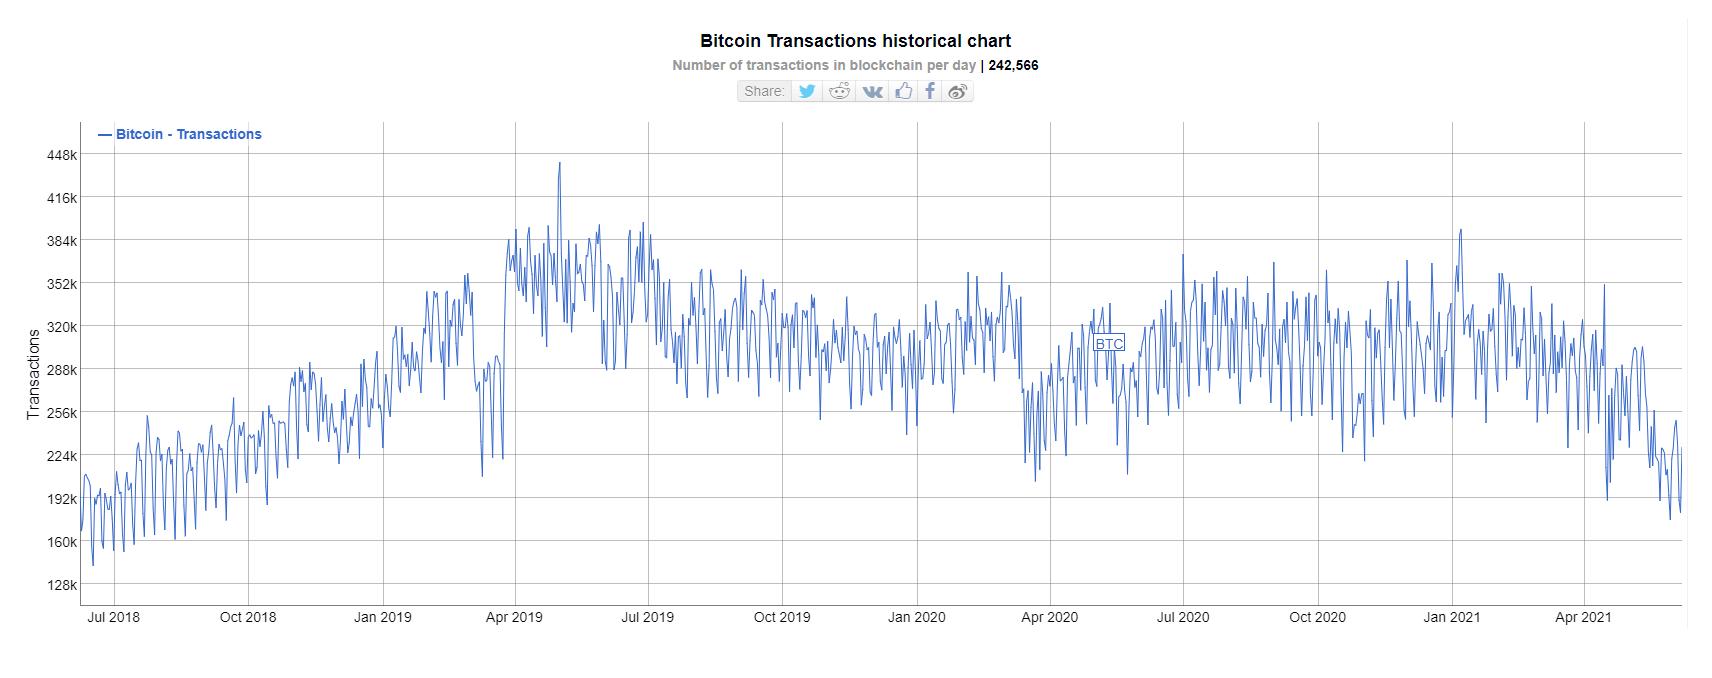 ilość transakcji w blockchainie bitcoina